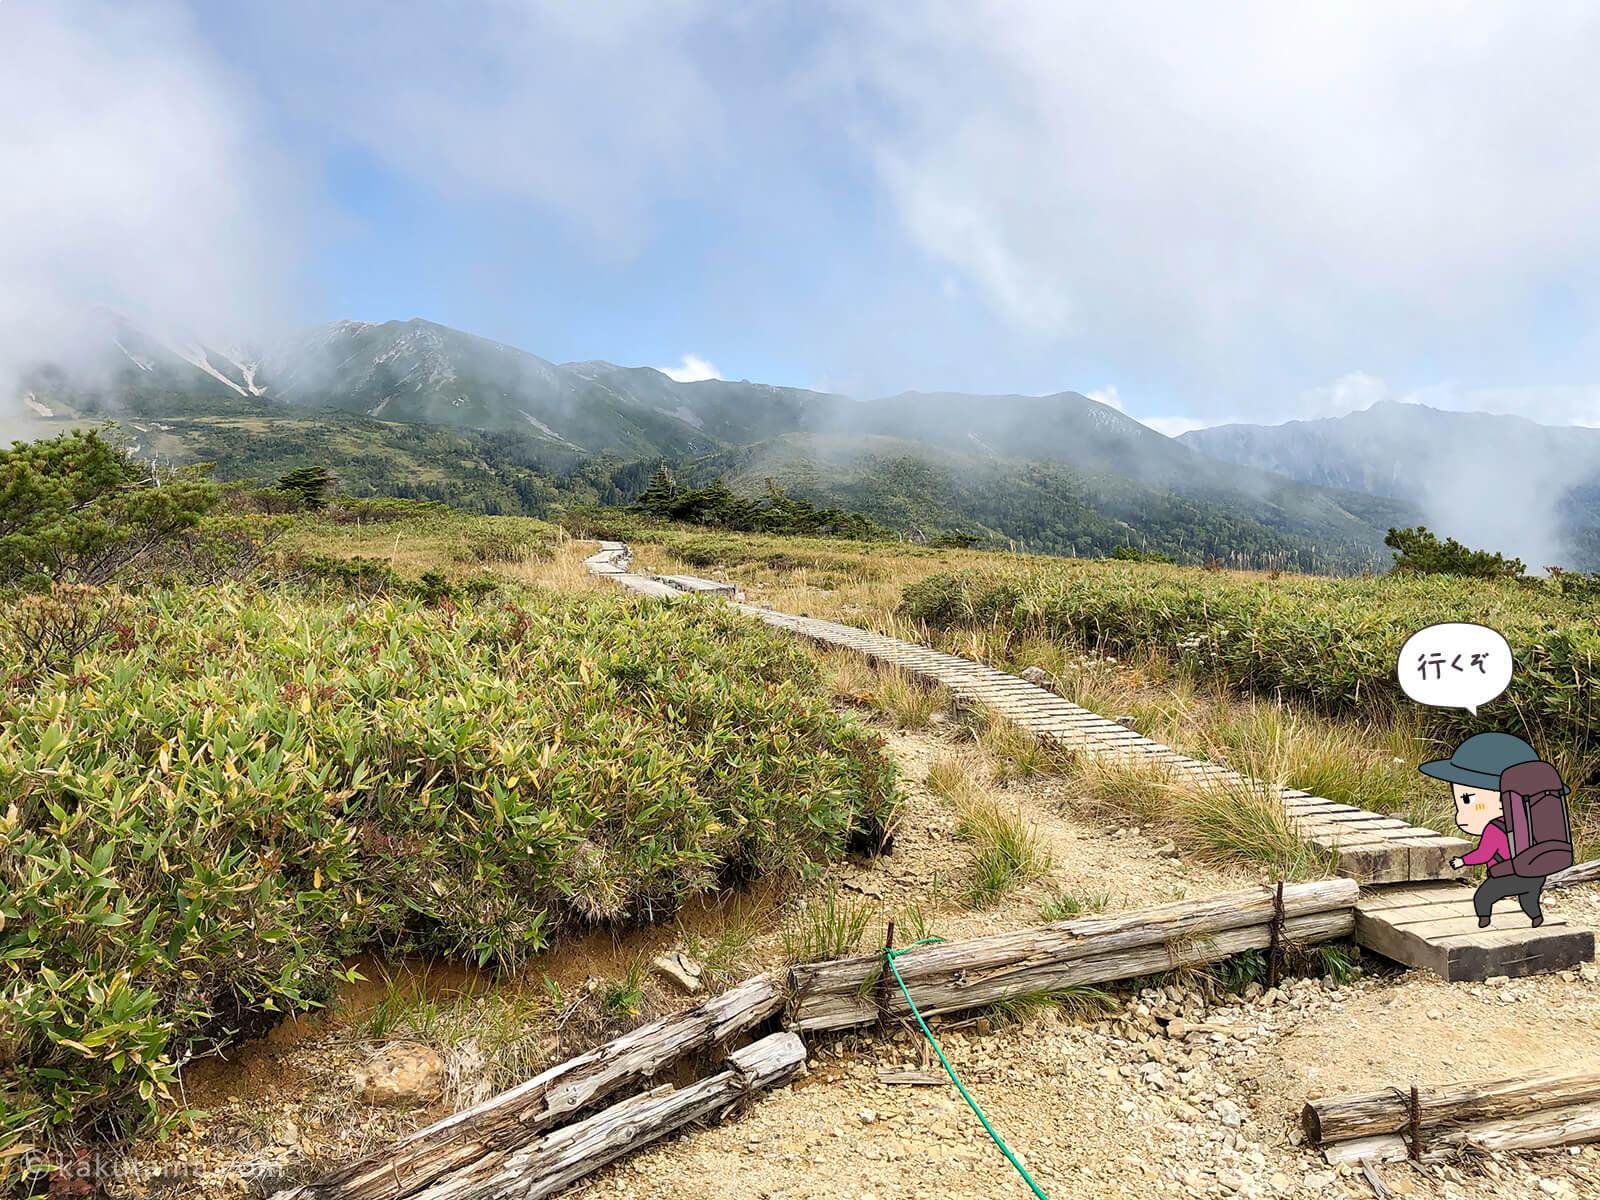 太郎平小屋から薬師峠キャンプ場へ向かって歩き出す